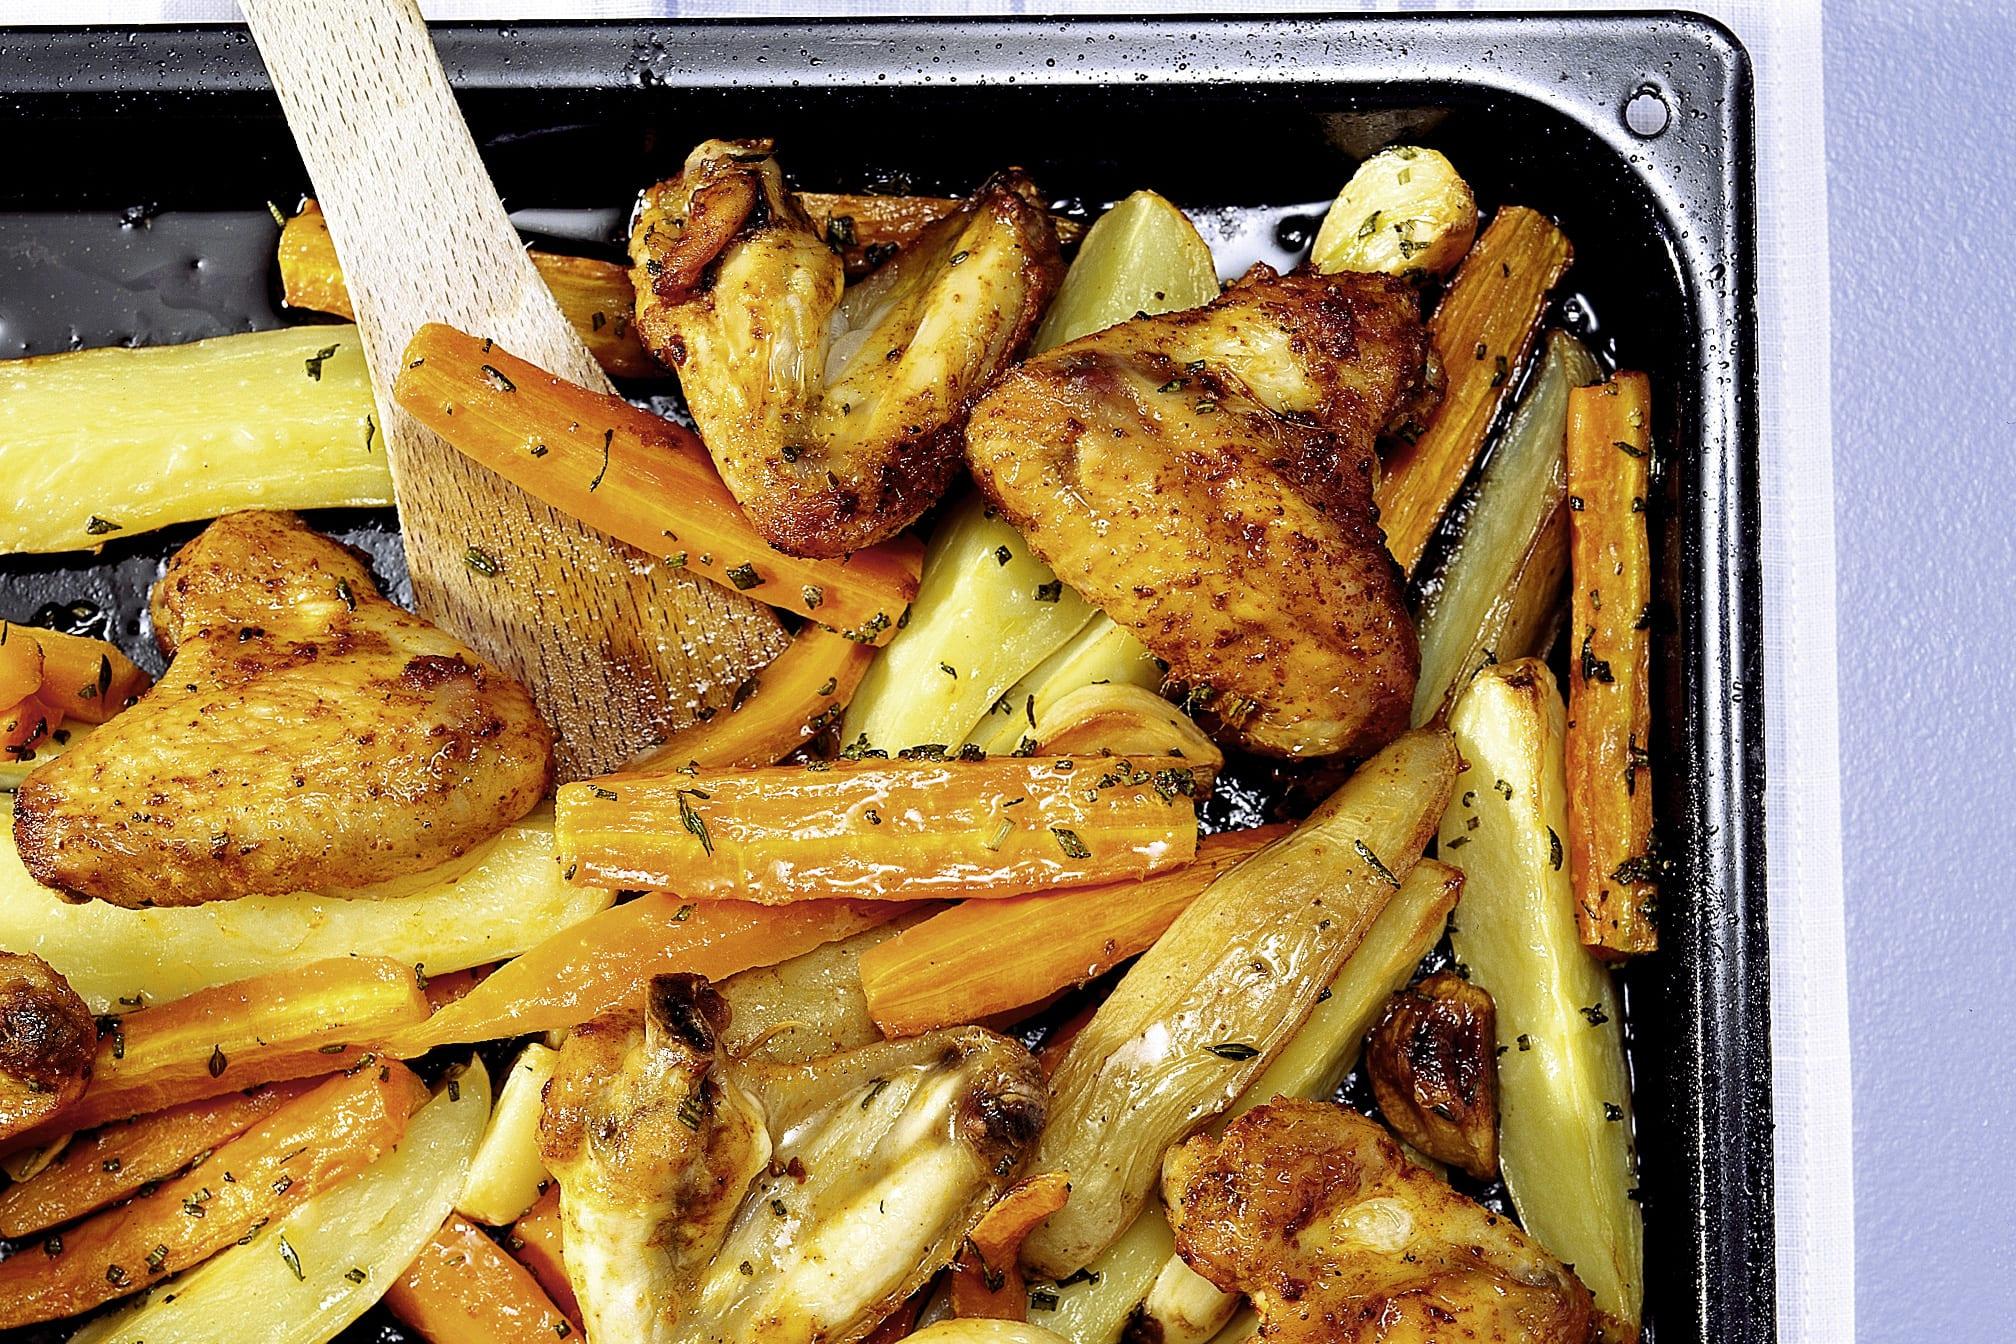 Ailes de poulet au four avec pommes de terre et carottes